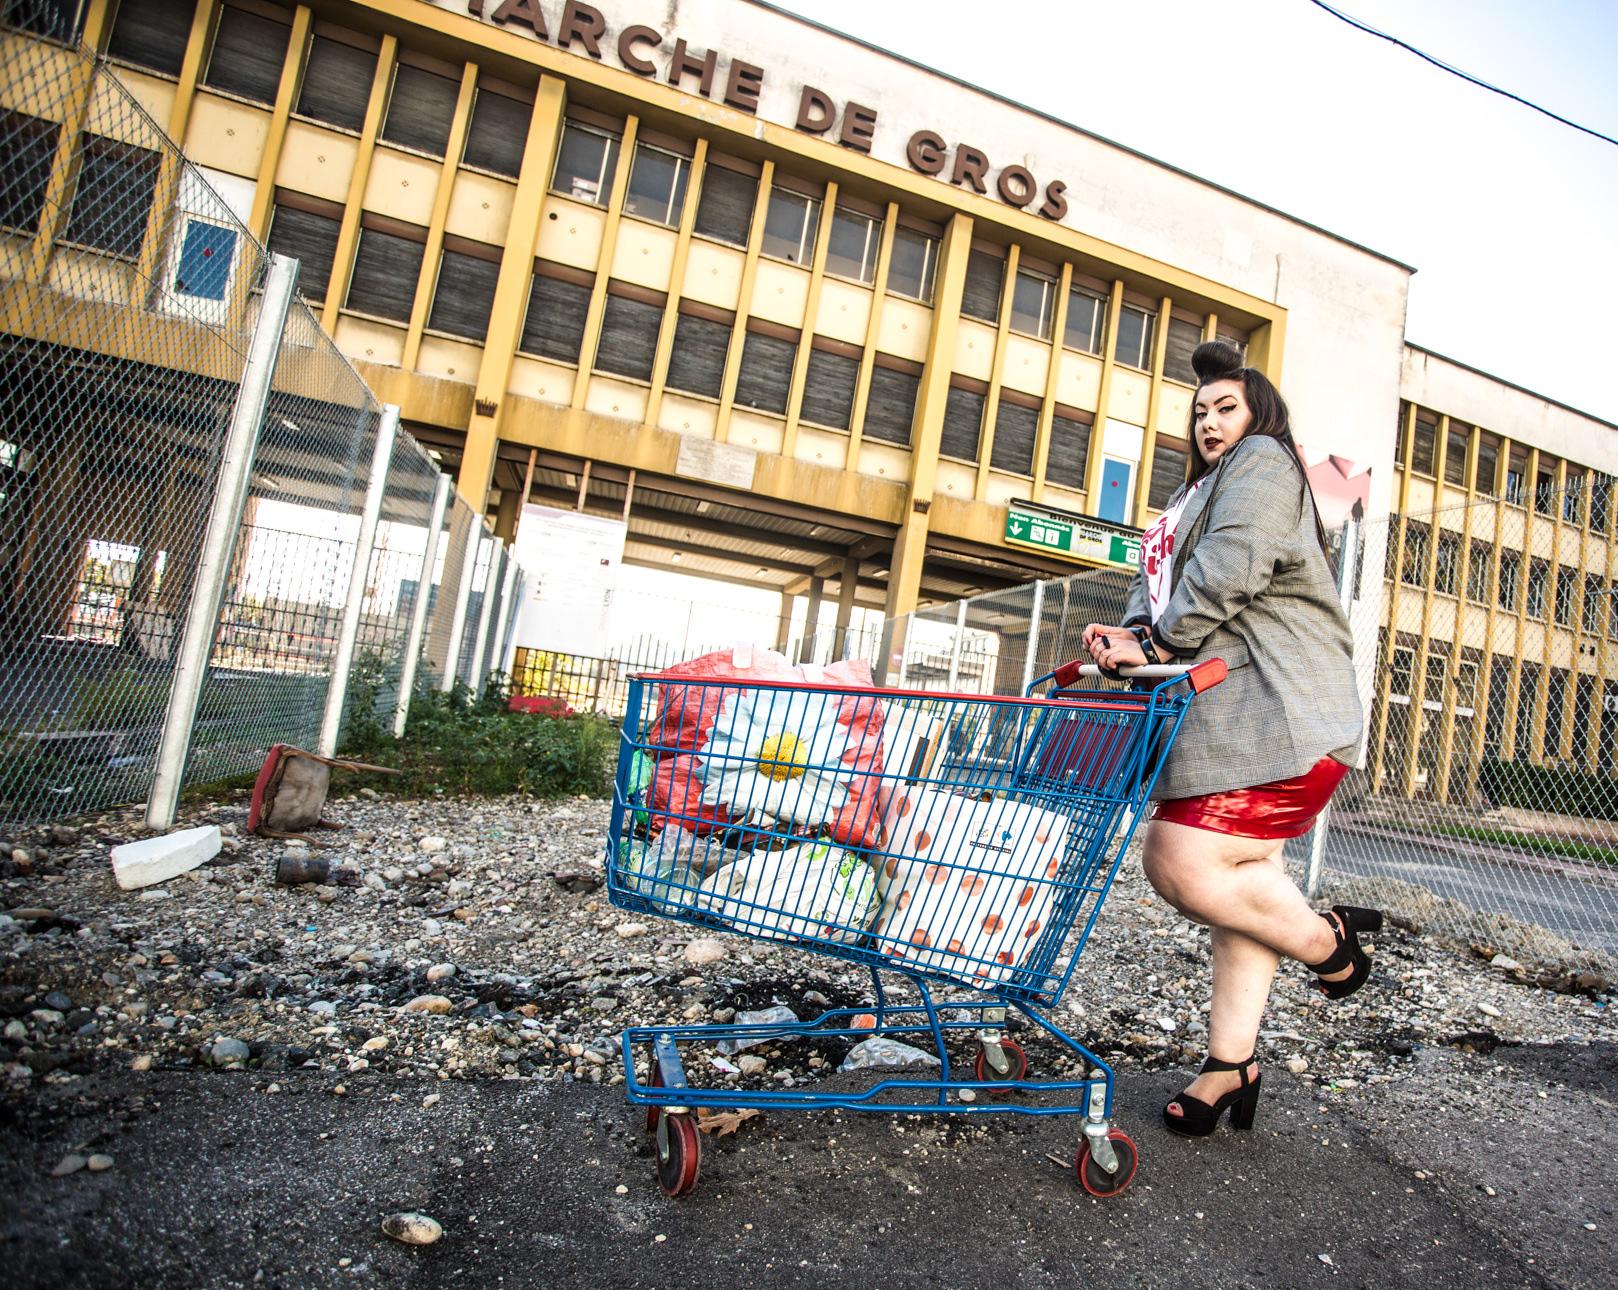 vinyle asos curve prince de galles new look fat bitch curvy girl blog plus size grande taille